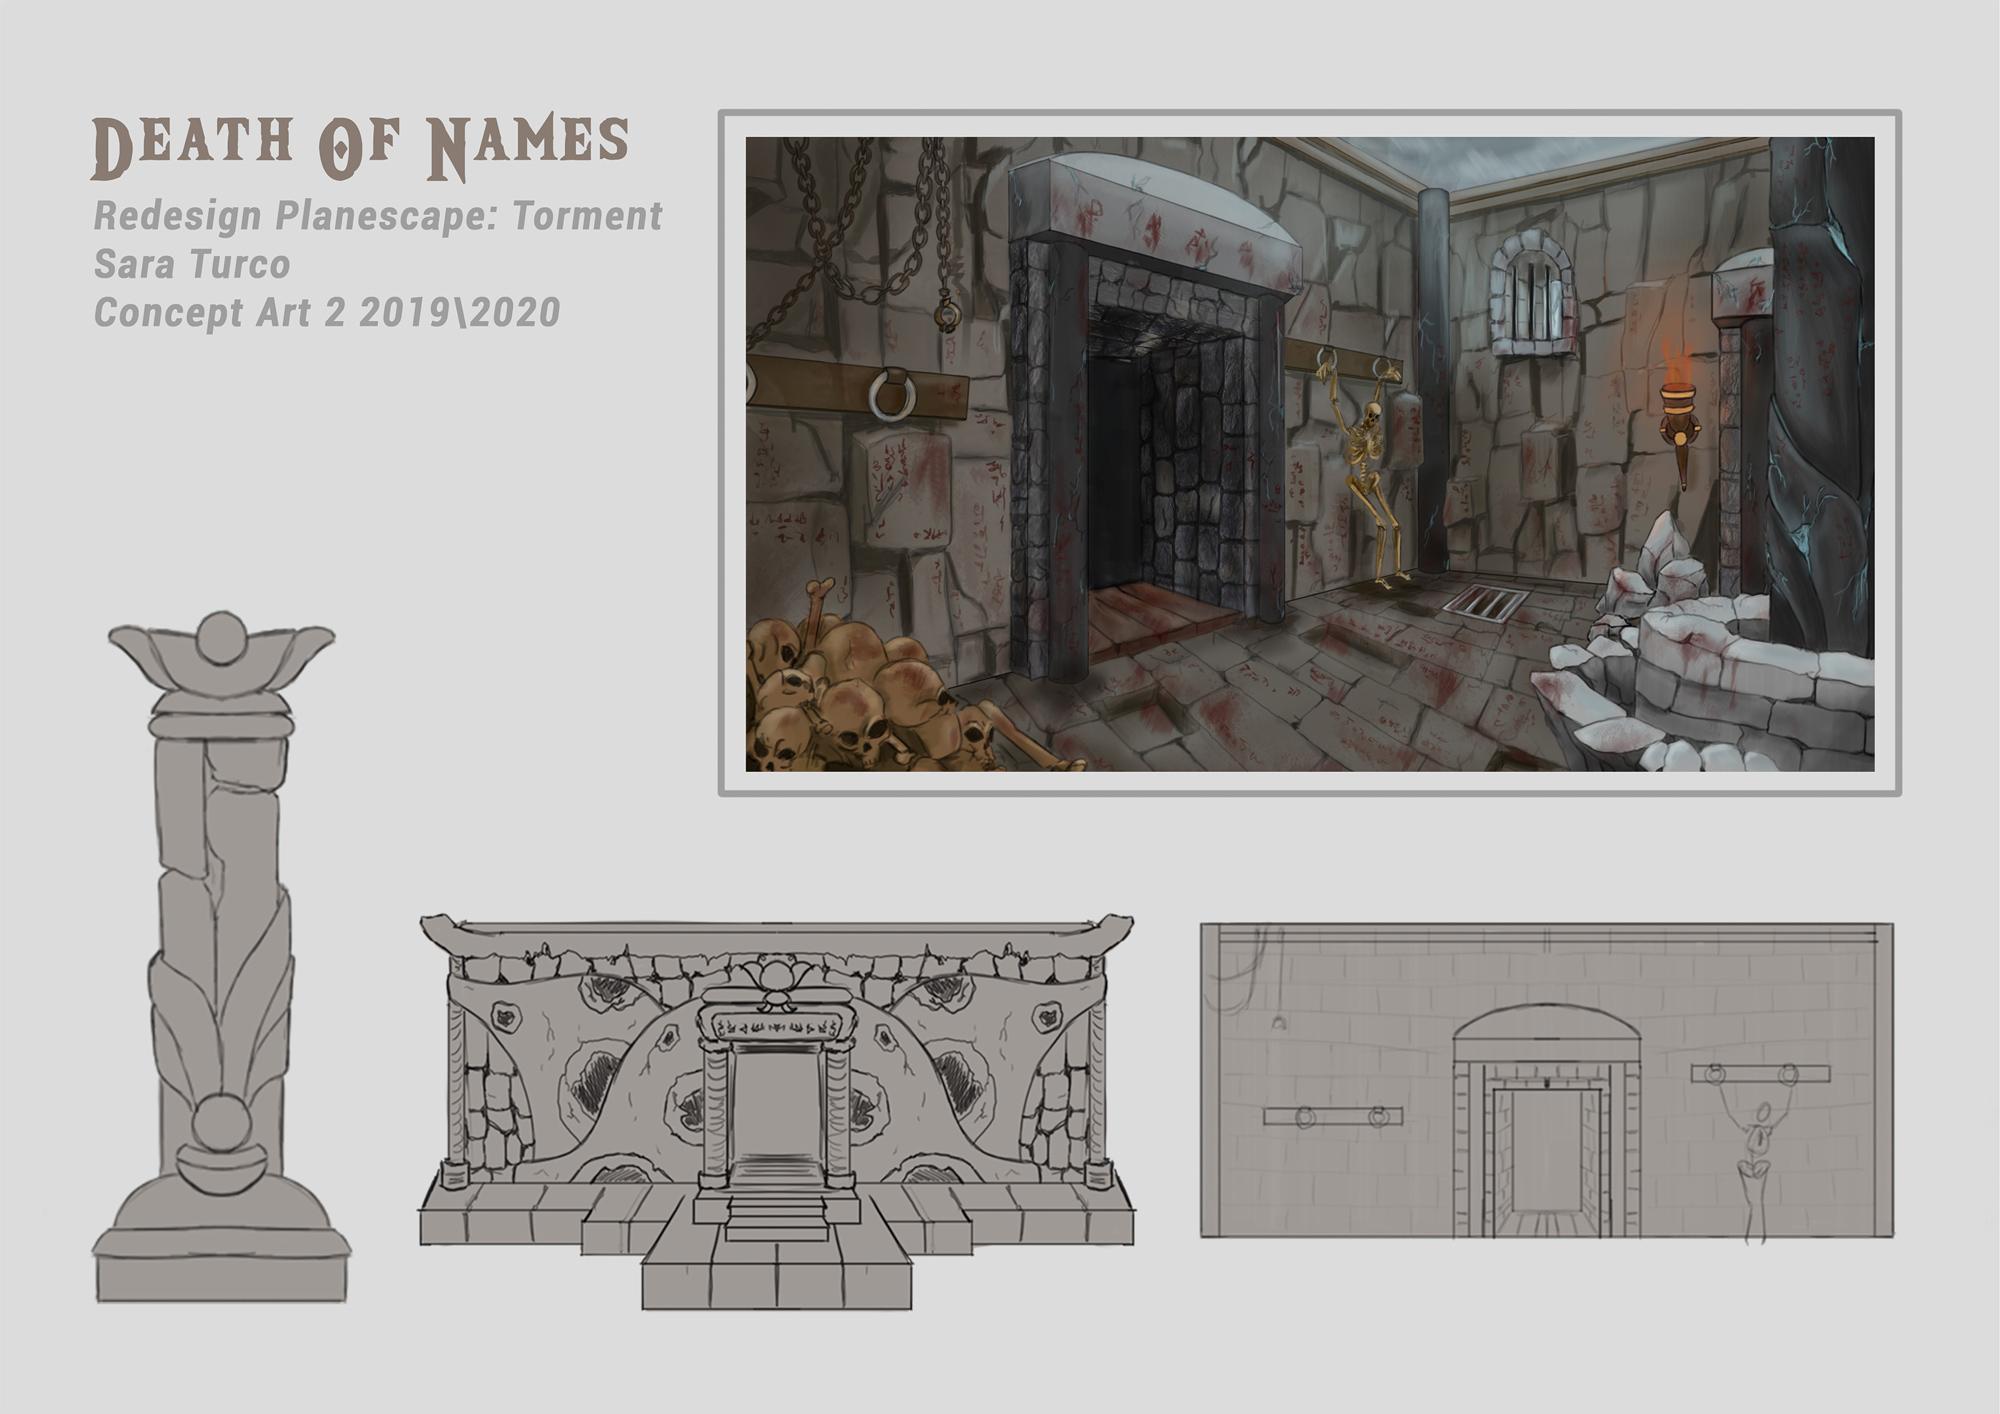 """{$tags} Concept ambiente, """"Death of Names"""", il monumento funerario - by Sara Turco Planescape Torment Redesign Project (2020) © Scuola Internazionale di Comics Torino e dell'autore, tutti i diritti riservati"""